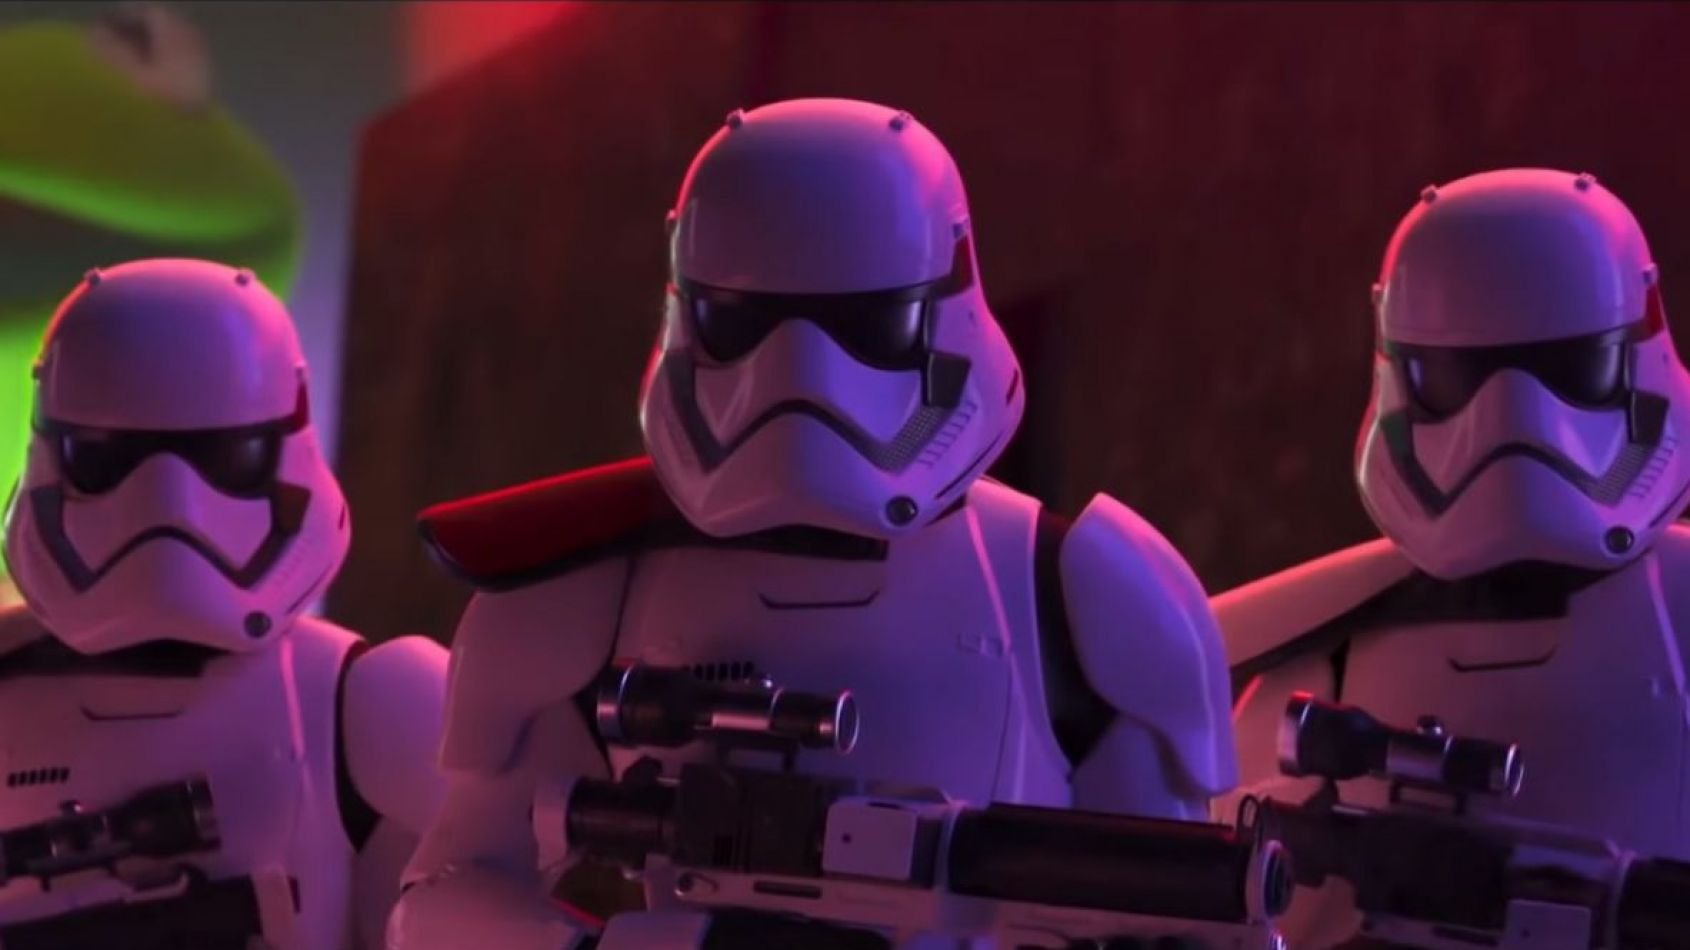 Star Wars débarque dans le prochain film d'animation Disney !